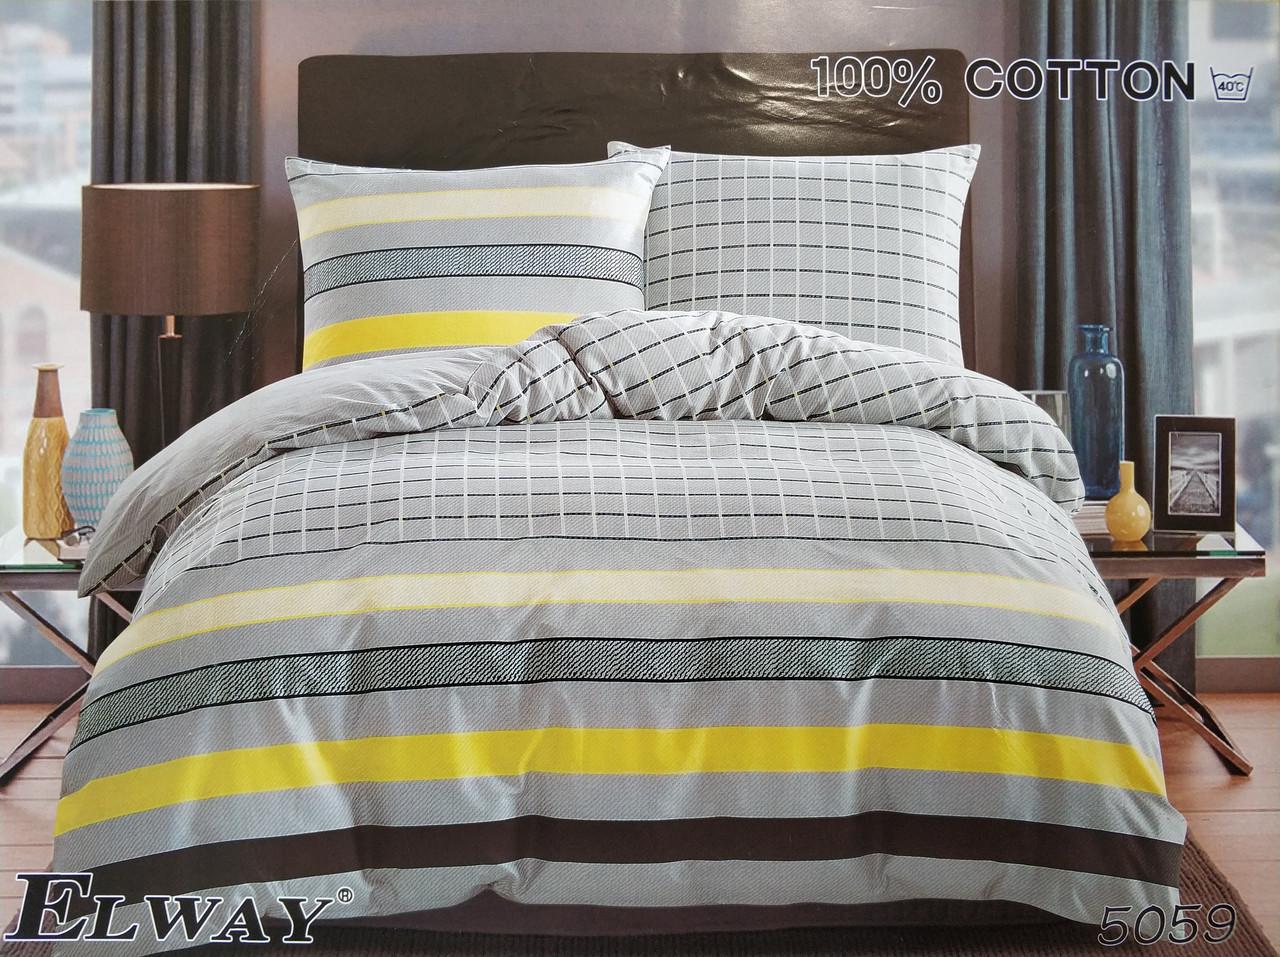 Сатиновое постельное белье семейное ELWAY 5059 «Полоска и клетка»